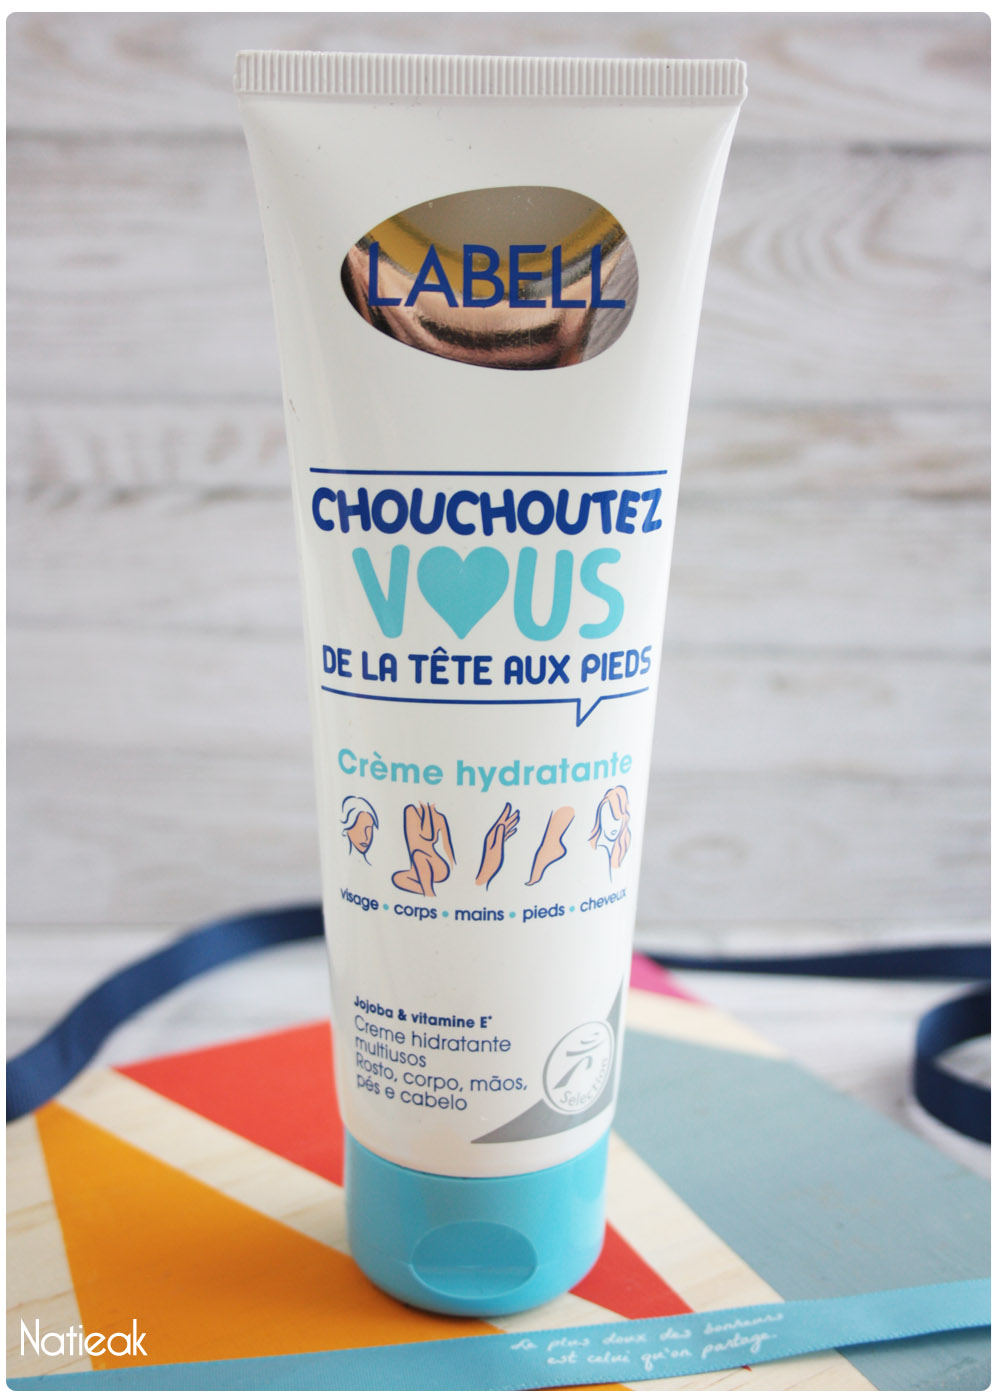 crème hydratante Labell